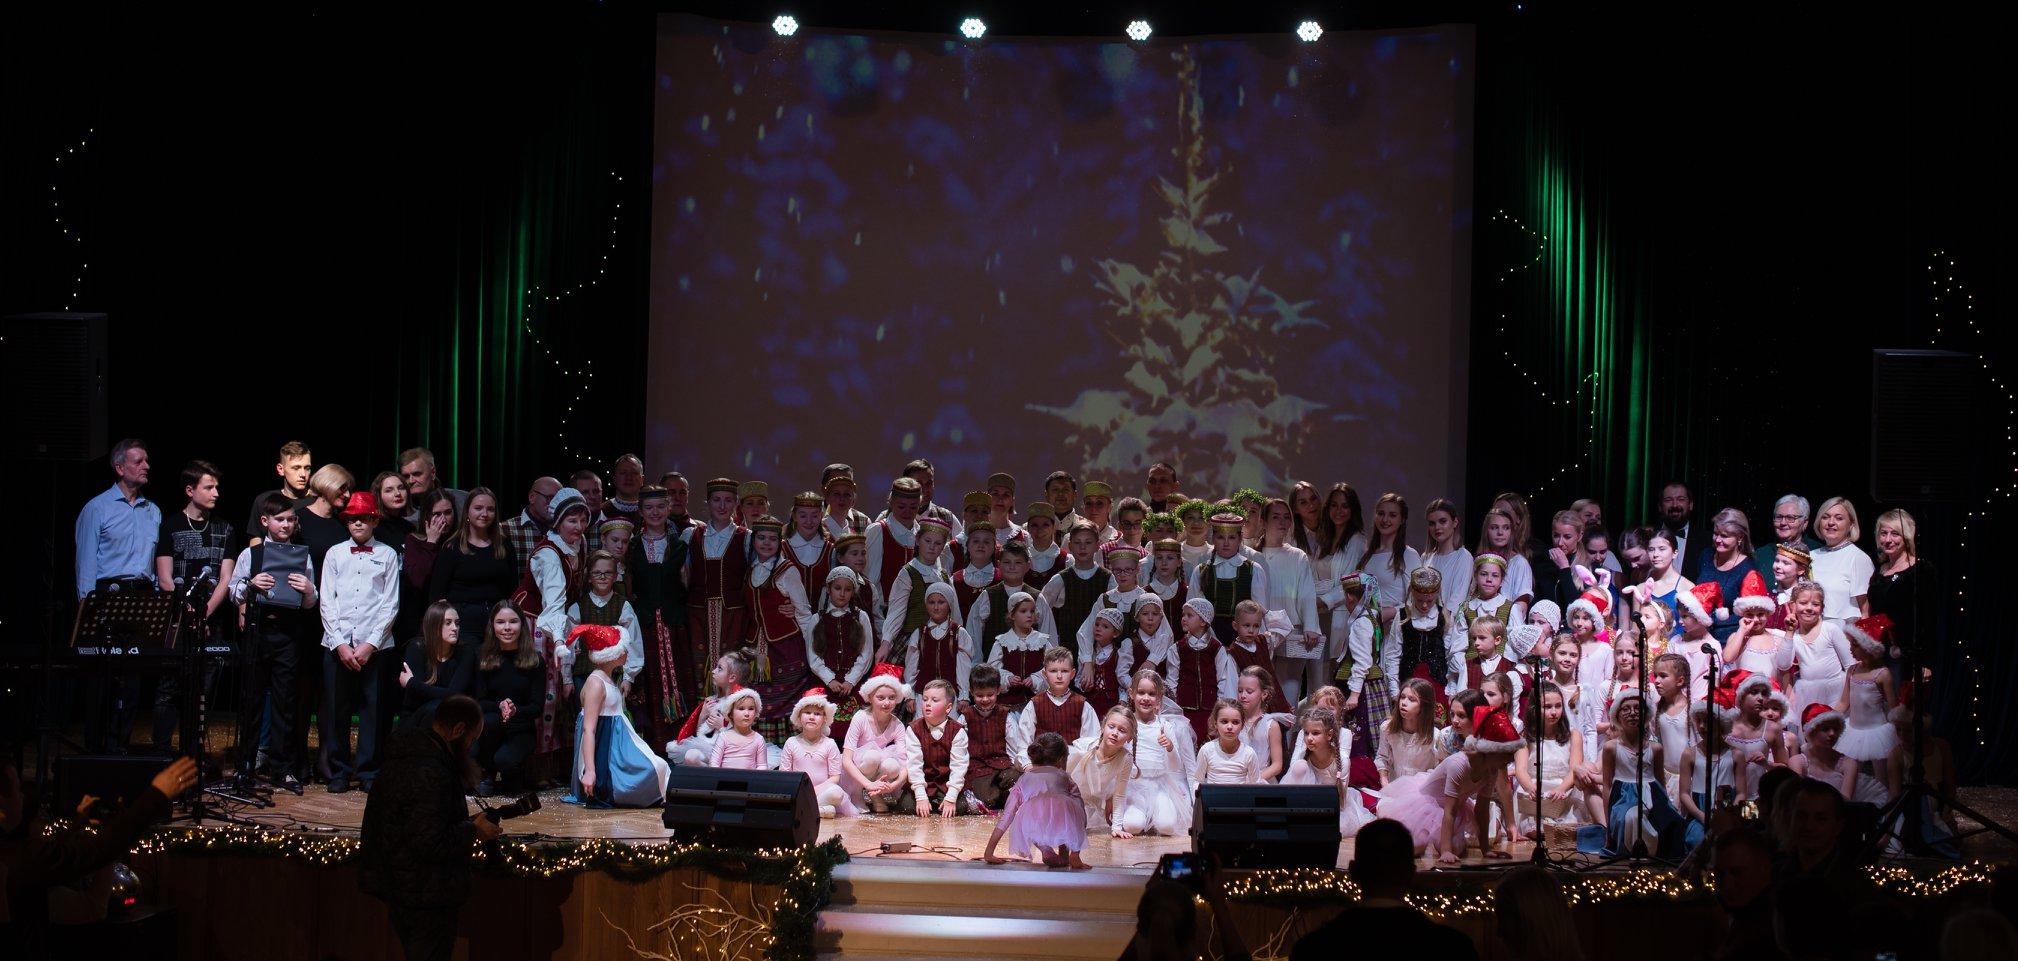 Alytaus jaunimo centre skambėjo Kalėdos